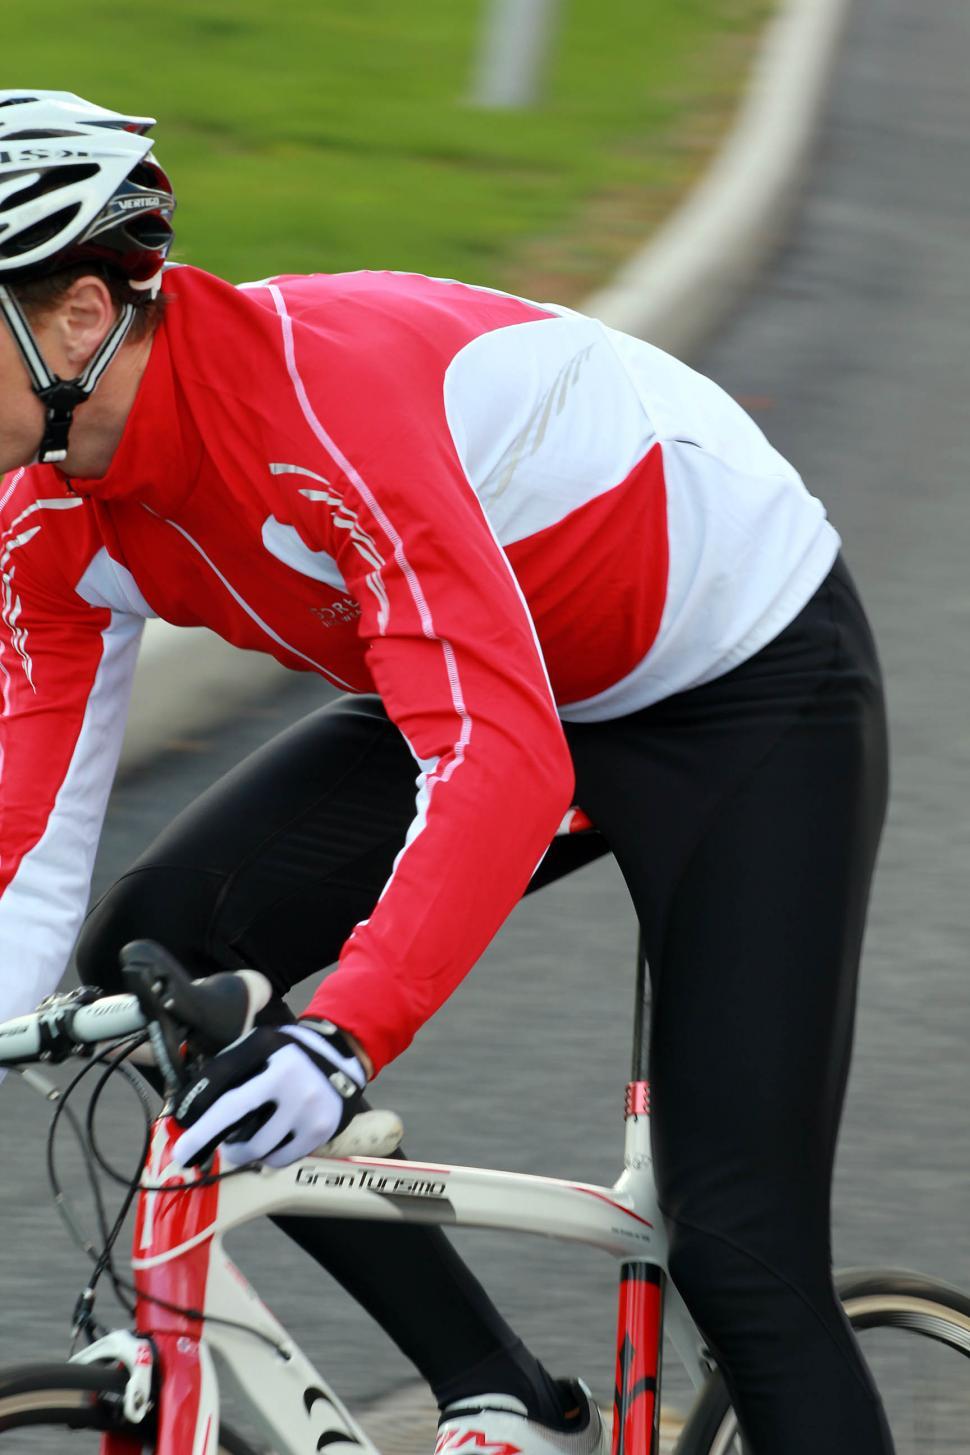 e6d33a3a4 Review  Gore Bike Wear Xenon Thermo Jersey